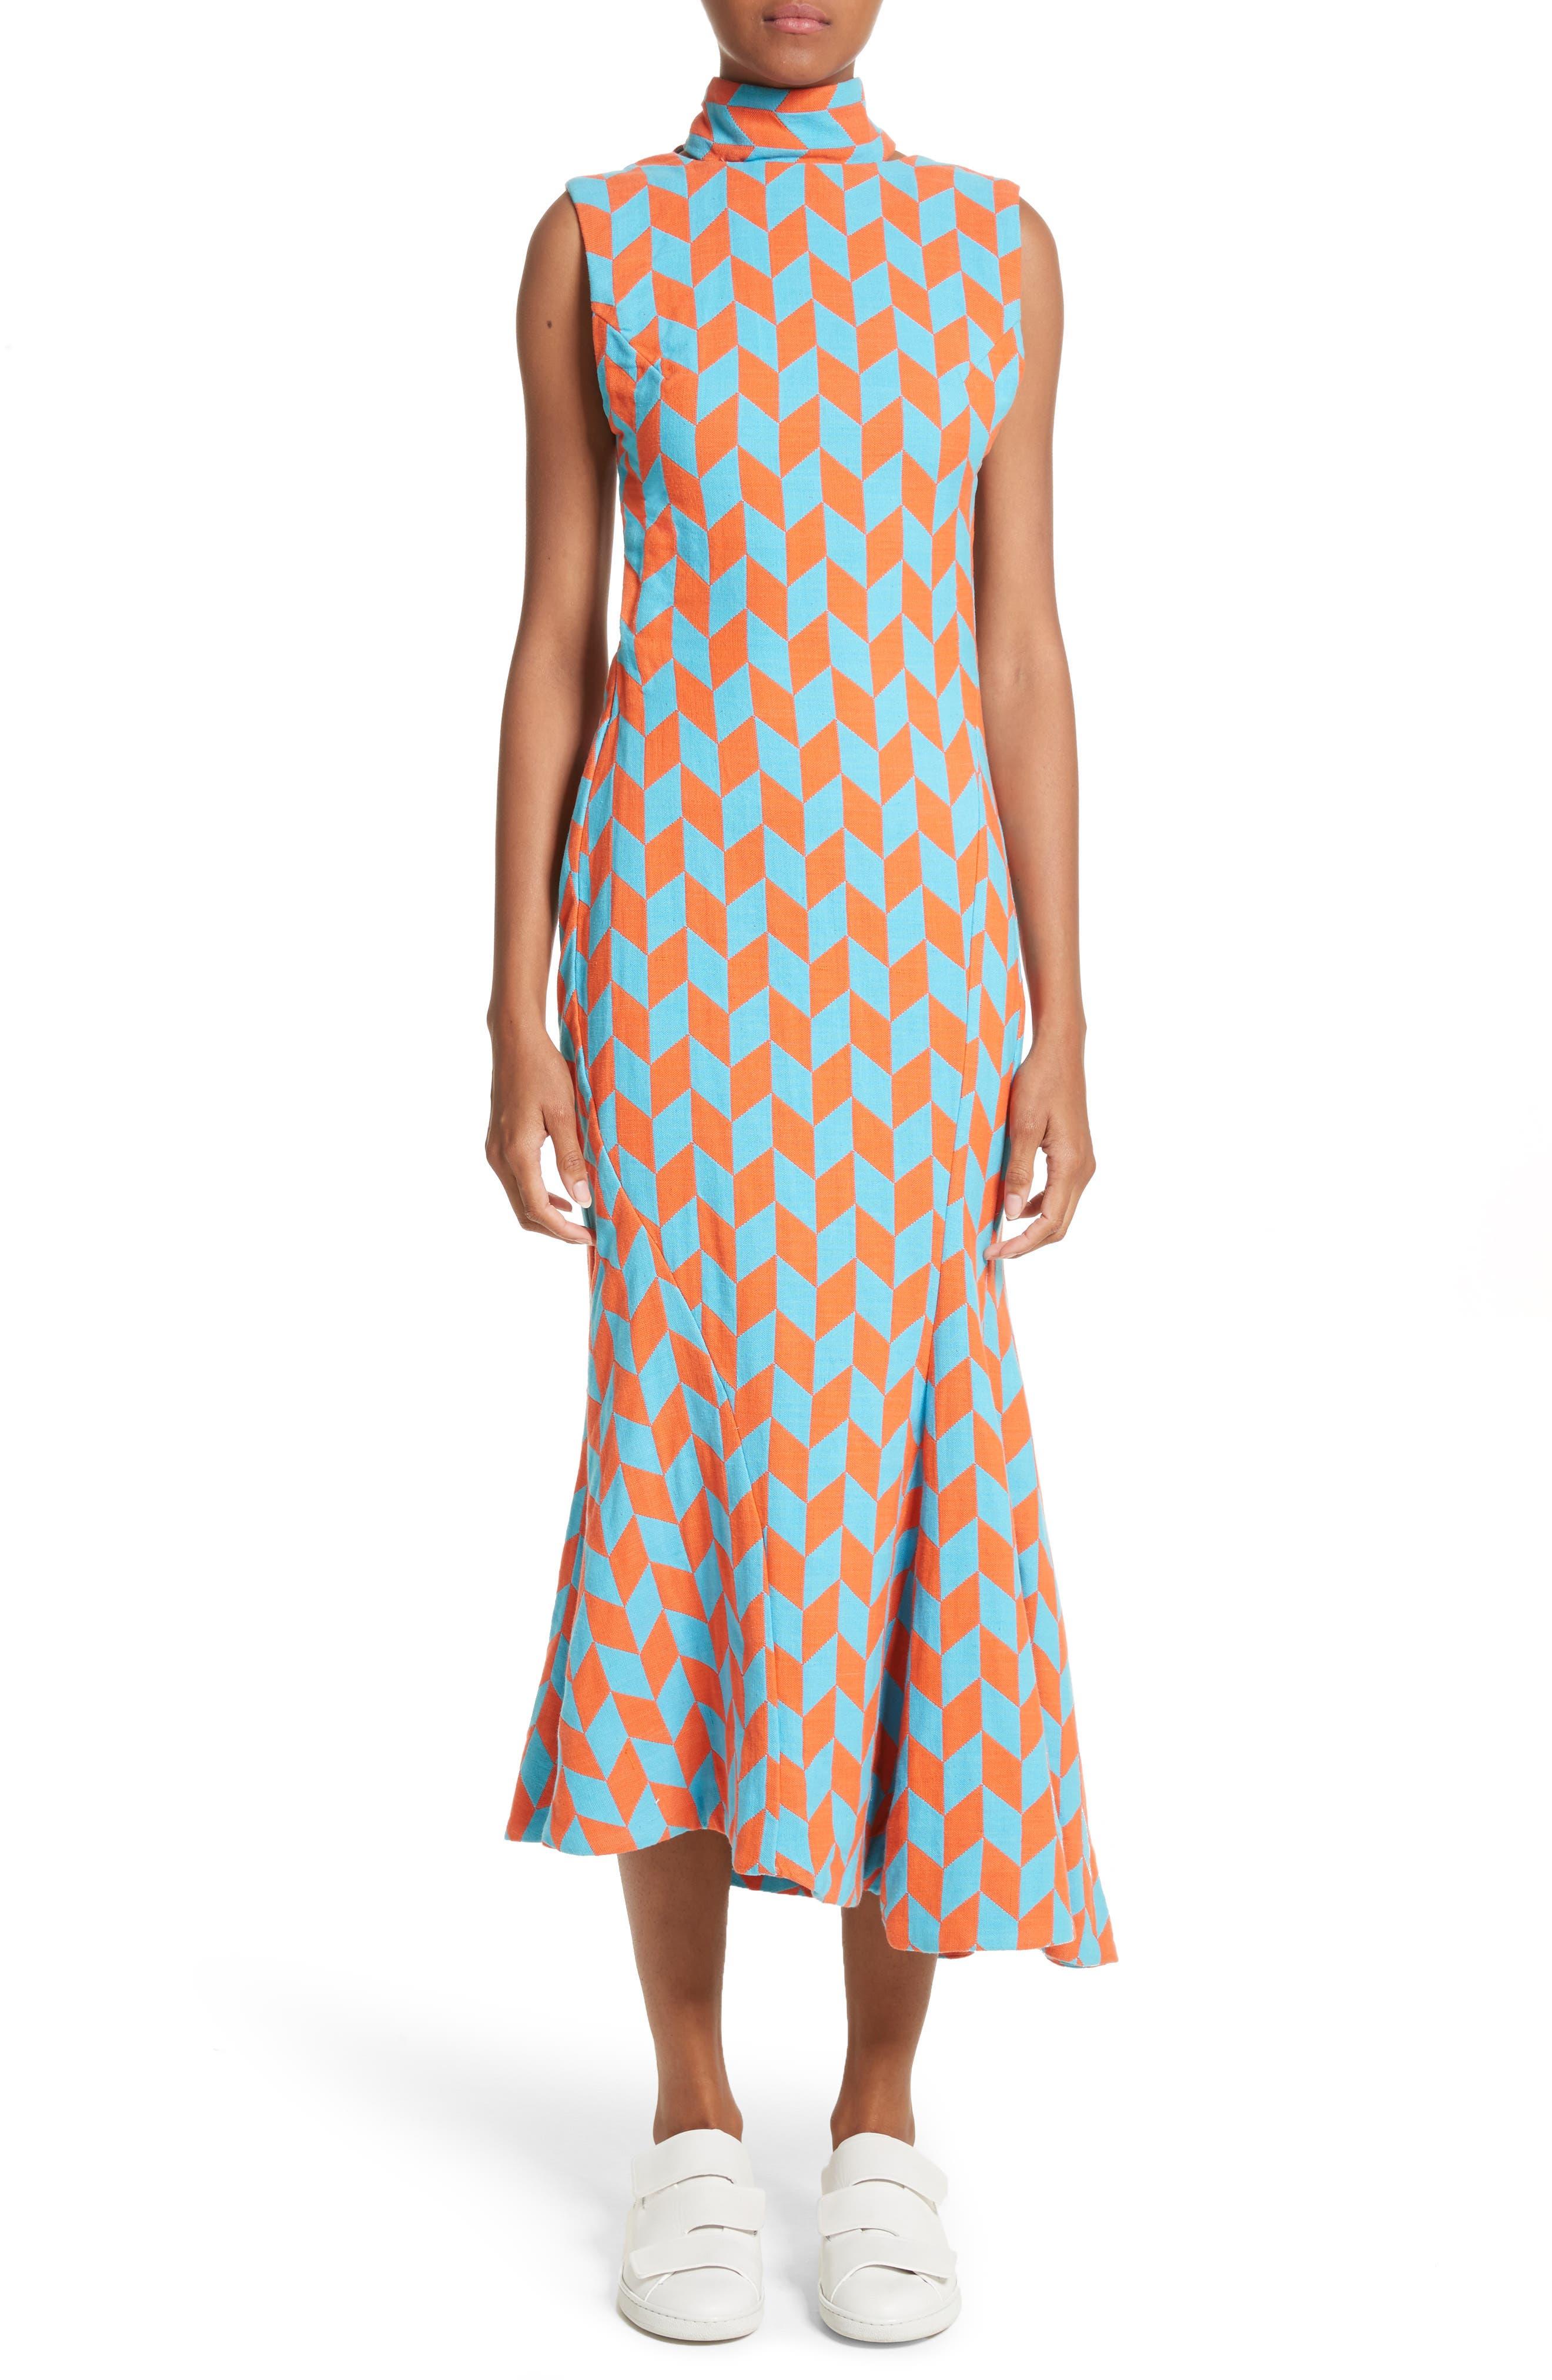 Alternate Image 1 Selected - Richard Malone Backless Twist Seam Dress